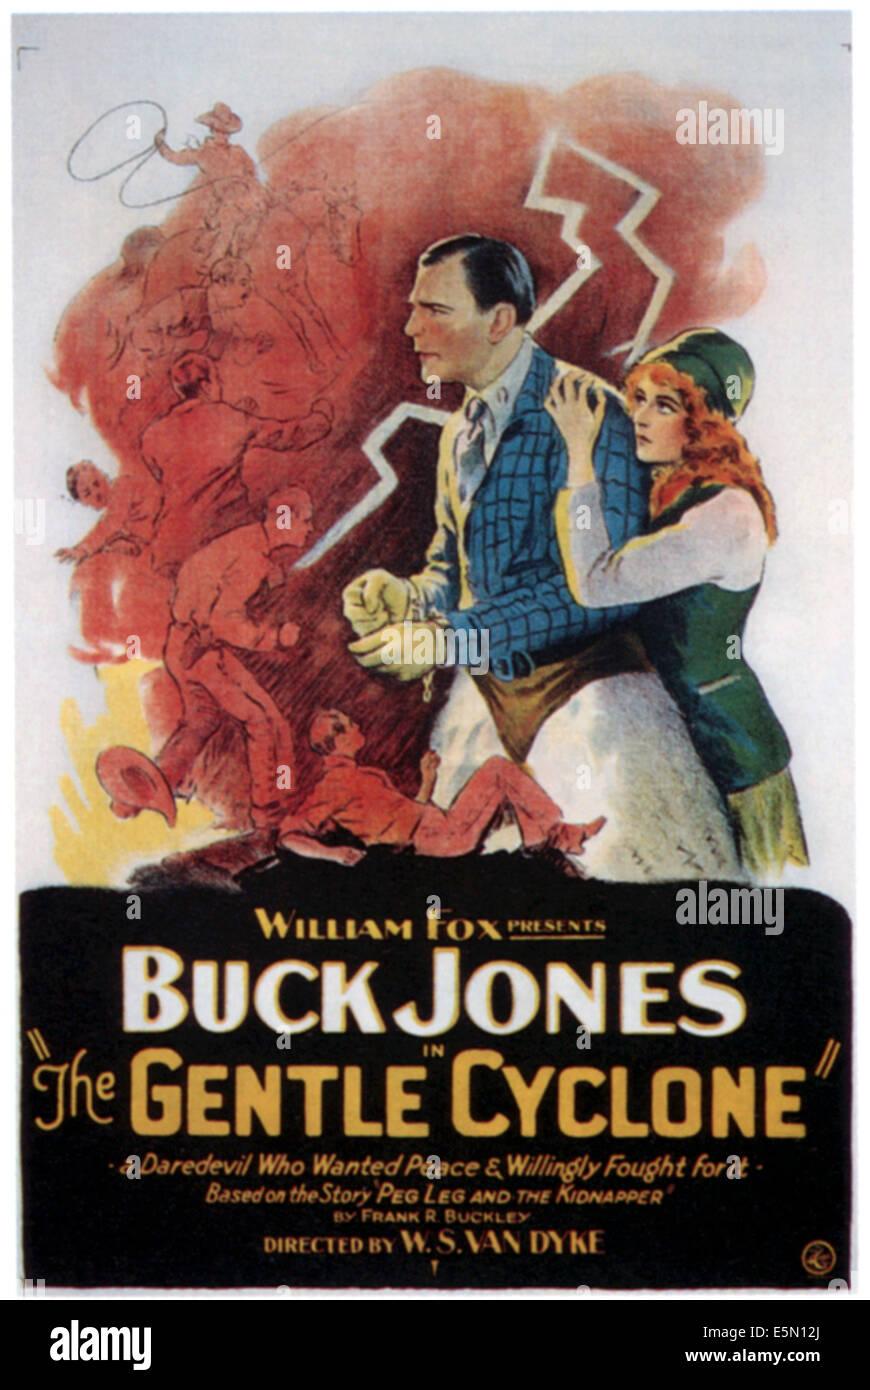 the-gentle-cyclone-from-left-buck-jones-